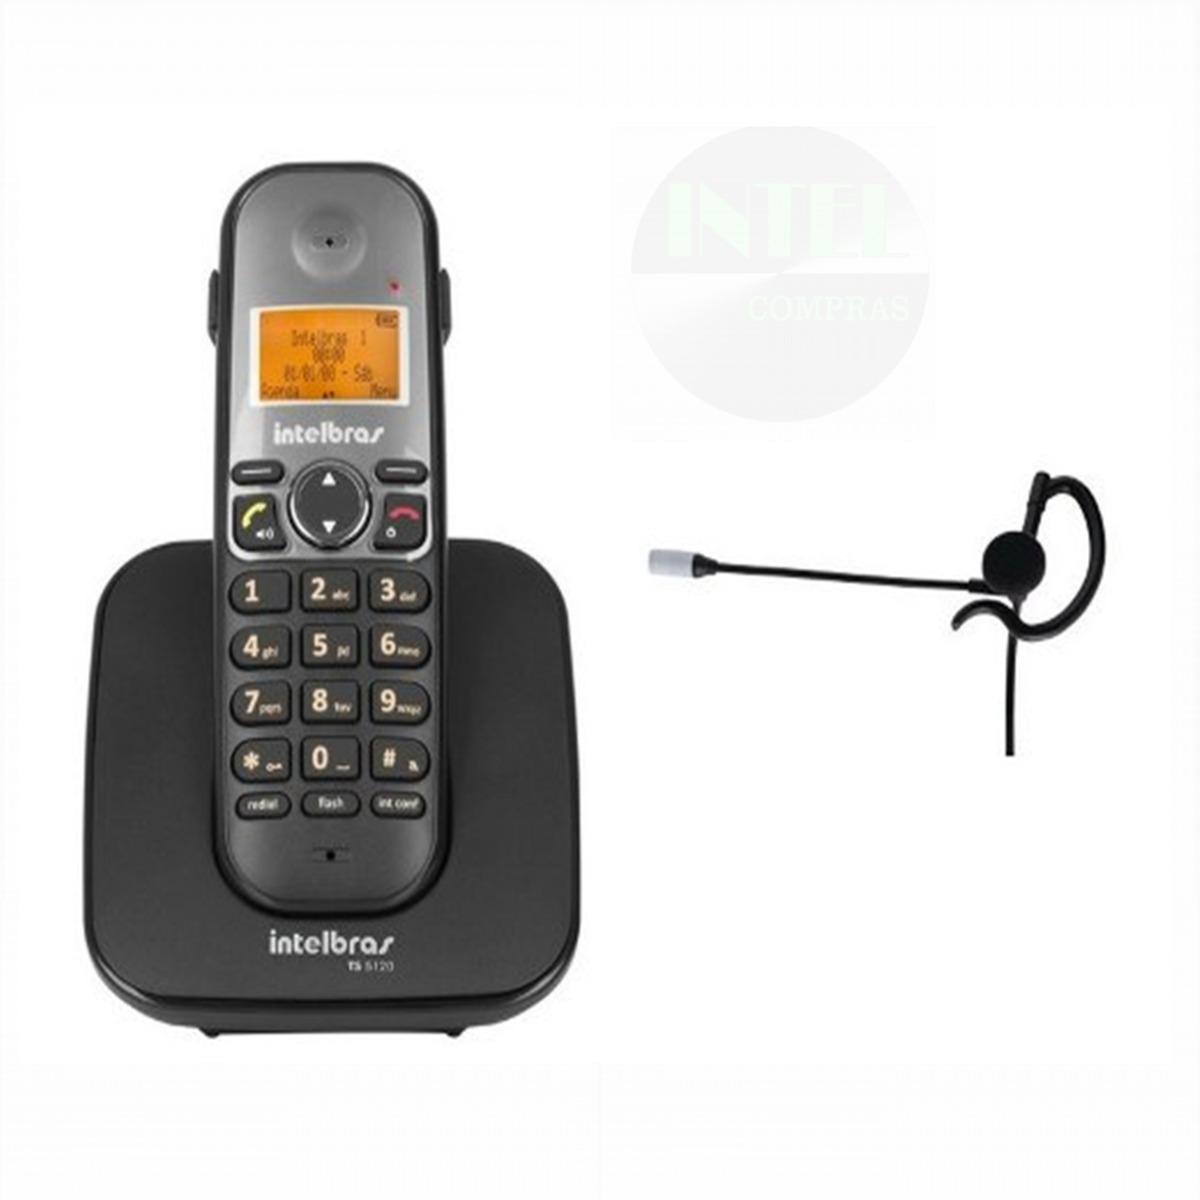 9f95c8309 telefone ts 5120 com fone ouvido hc 10 intelbras nf-e. Carregando zoom.